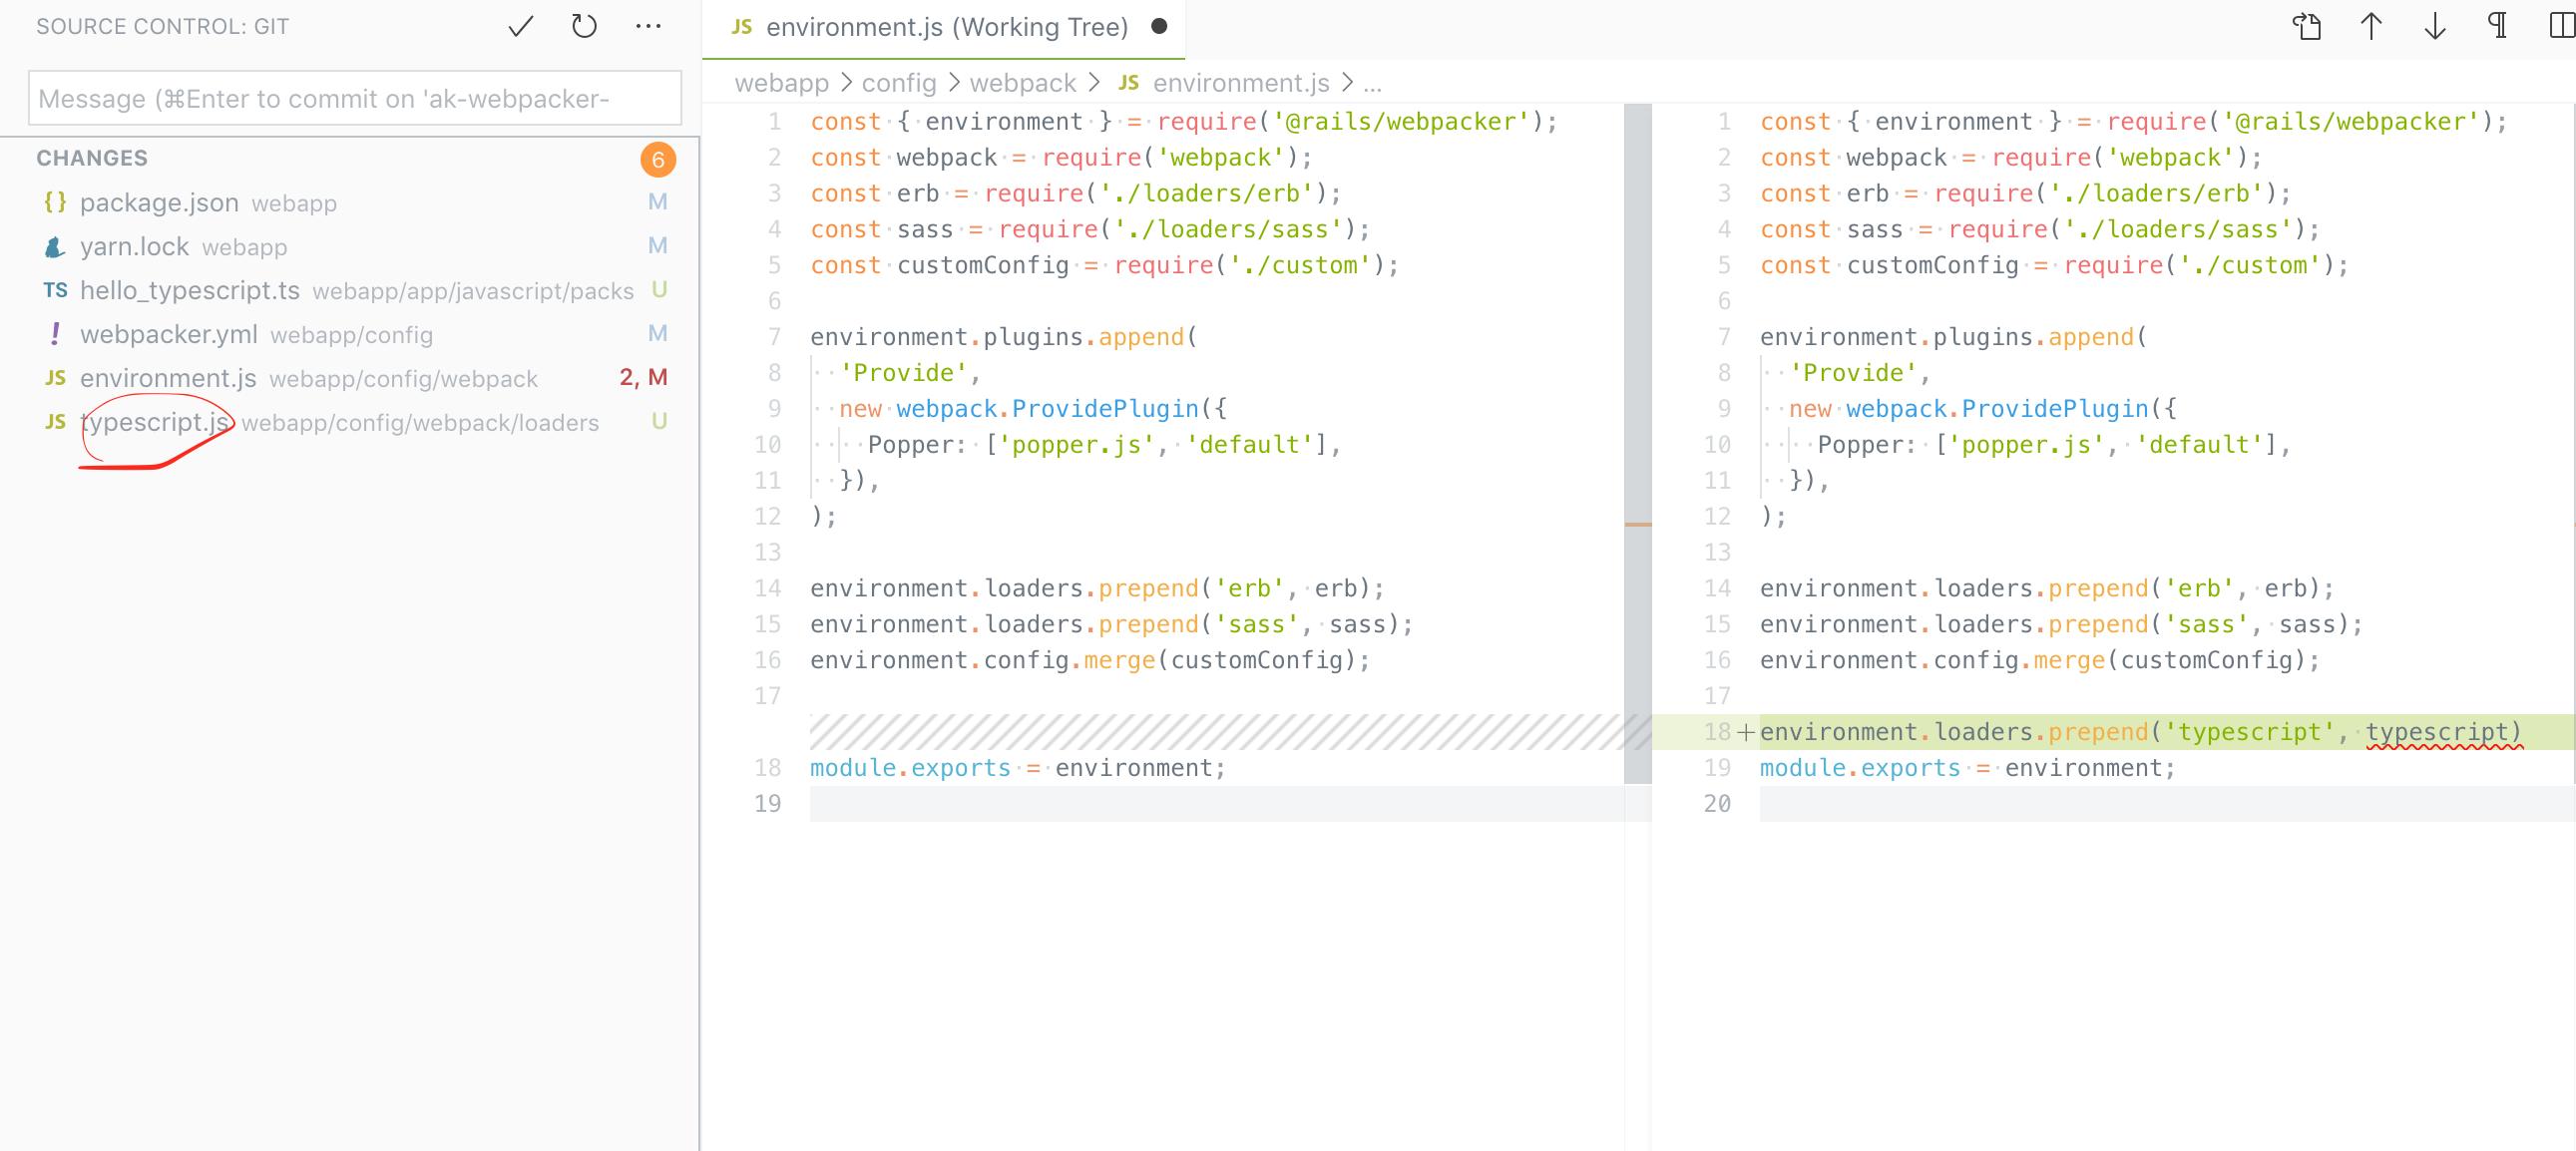 bundle exec rails webpacker:install:typescript creates an